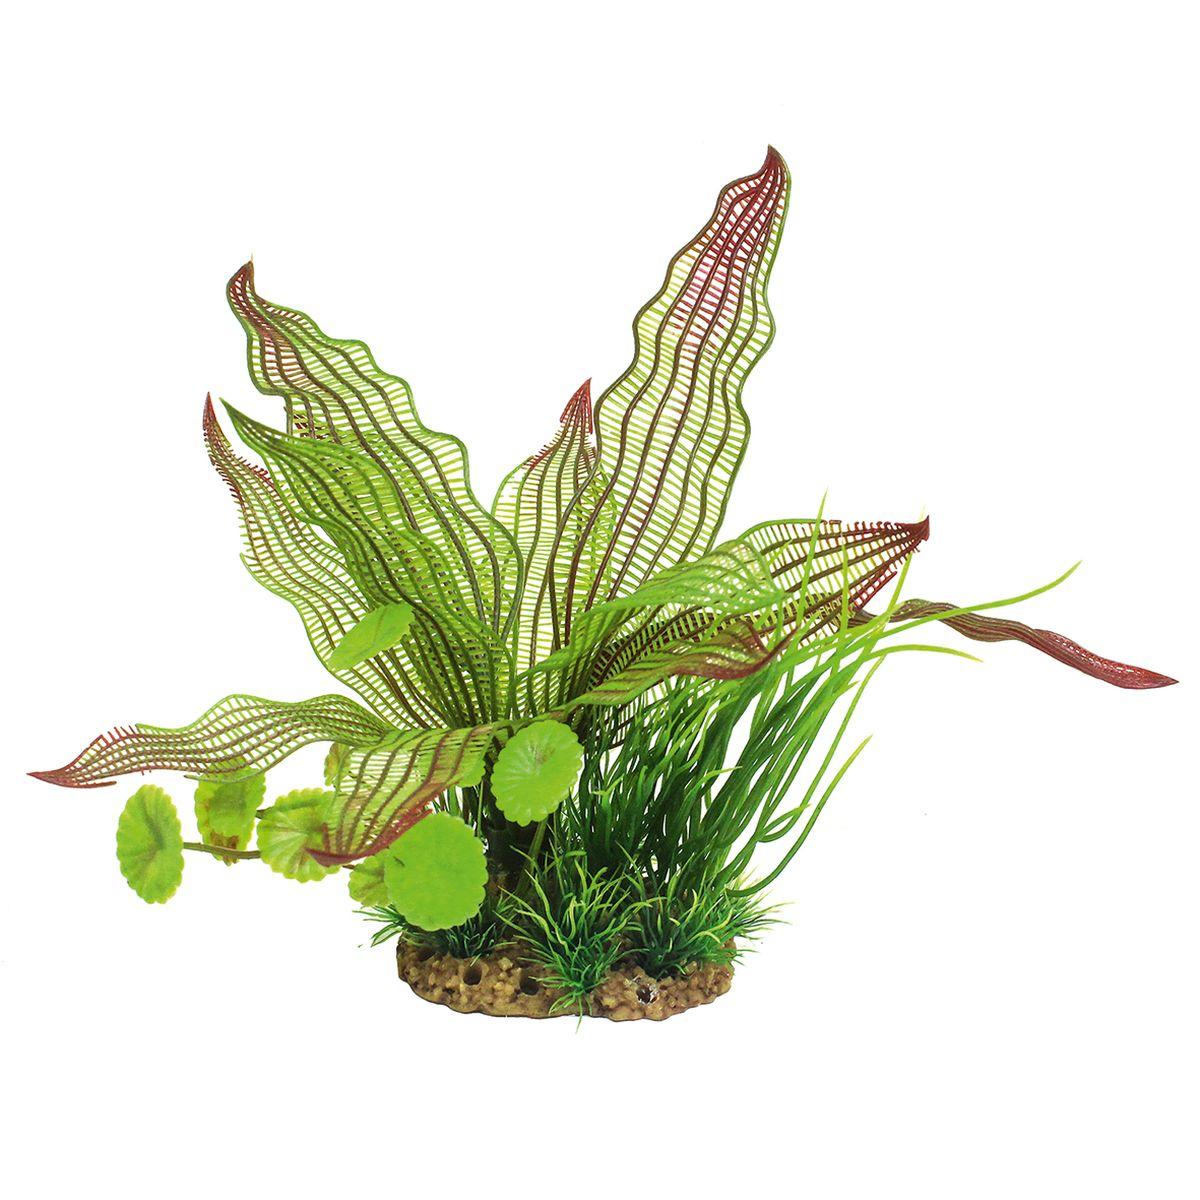 Растение для аквариума ArtUniq Апоногетон мадагаскарский, высота 20 см0120710Композиция из искусственных растений ArtUniq превосходно украсит и оживит аквариум.Растения - это важная часть любой композиции, они помогут вдохнуть жизнь в ландшафт любого аквариума или террариума. А их сходствос природными порадует даже самых взыскательных ценителей.